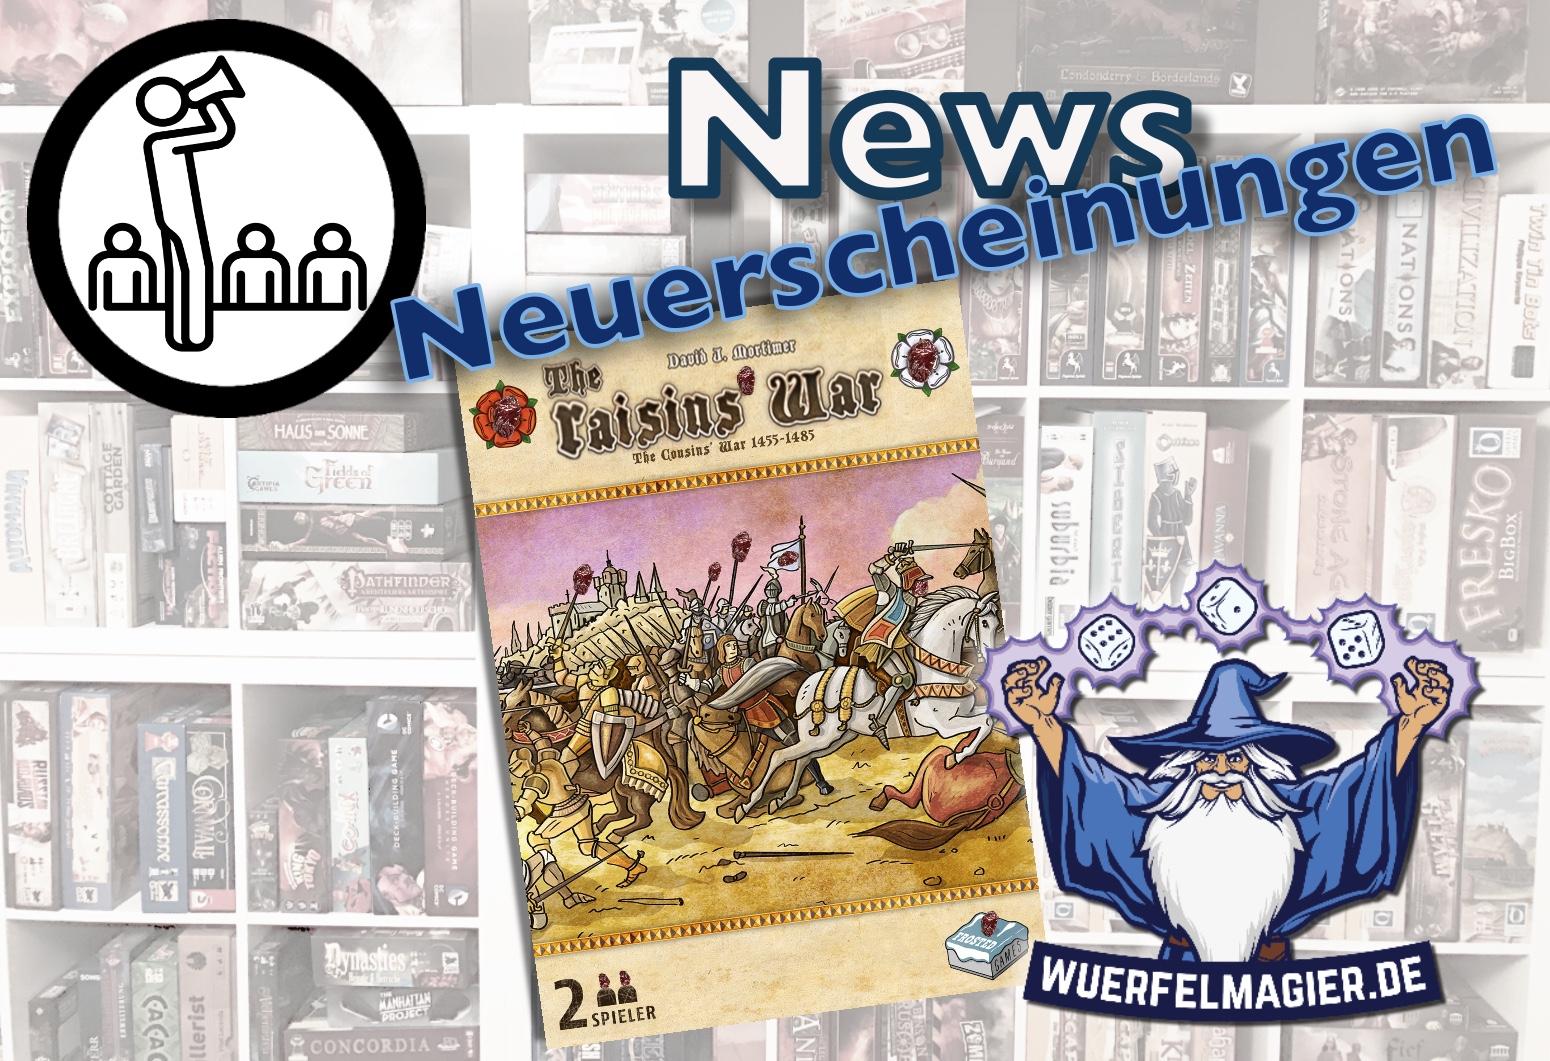 News Neuerscheinung Cosuins War Raisins war Vetternkrieg Wuerfelmagier Würfelmagier